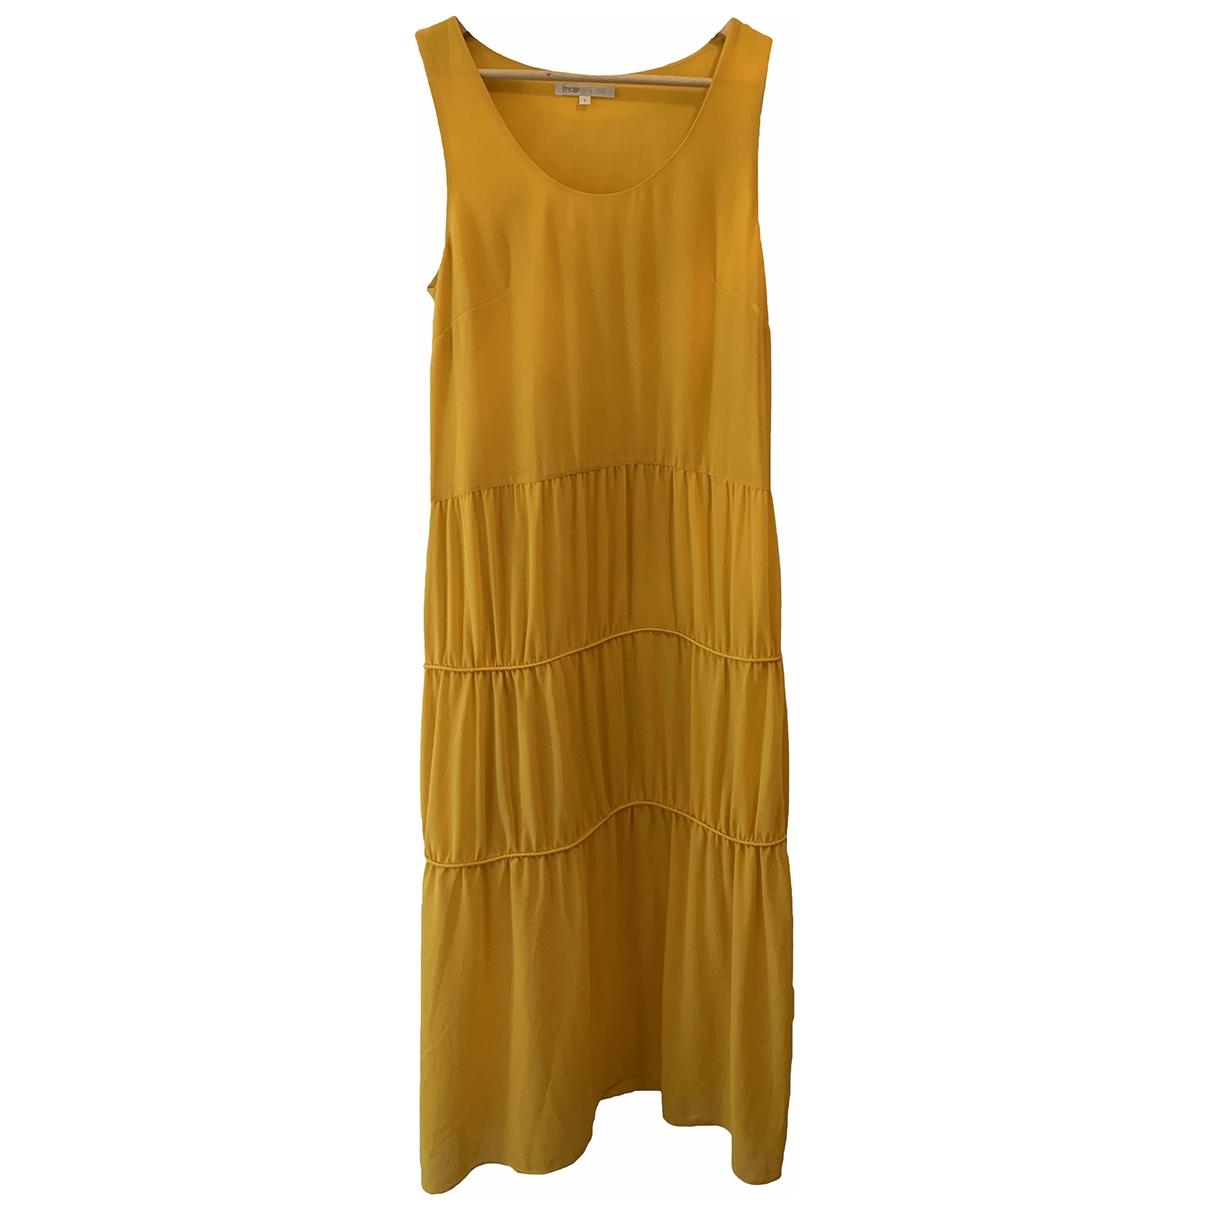 Maje \N Kleid in  Gelb Polyester